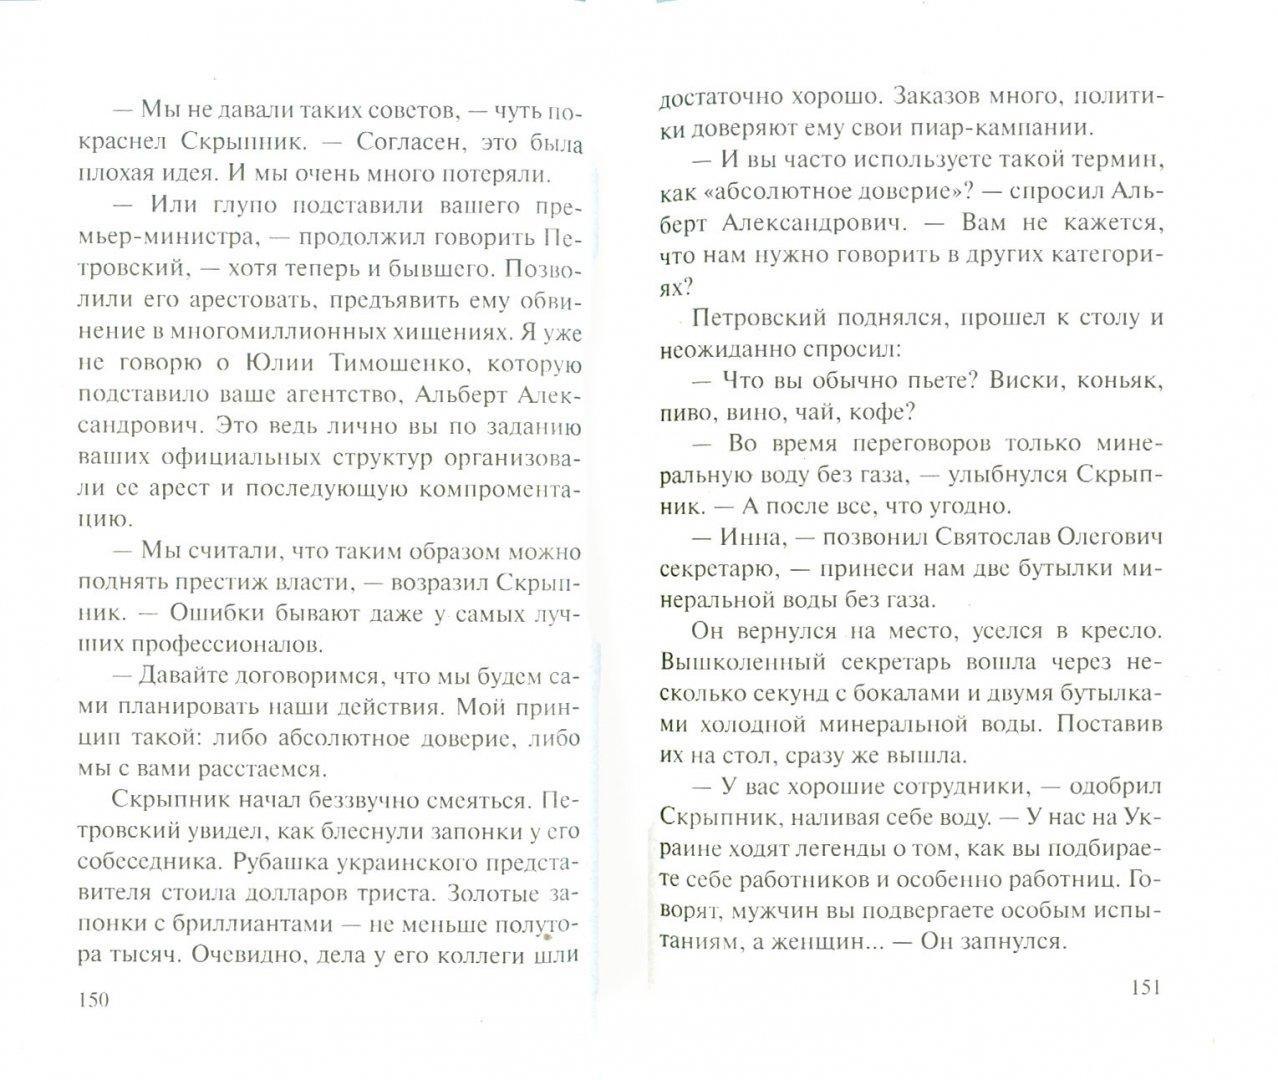 Иллюстрация 1 из 2 для Манипулятор. Плутократы - Чингиз Абдуллаев | Лабиринт - книги. Источник: Лабиринт